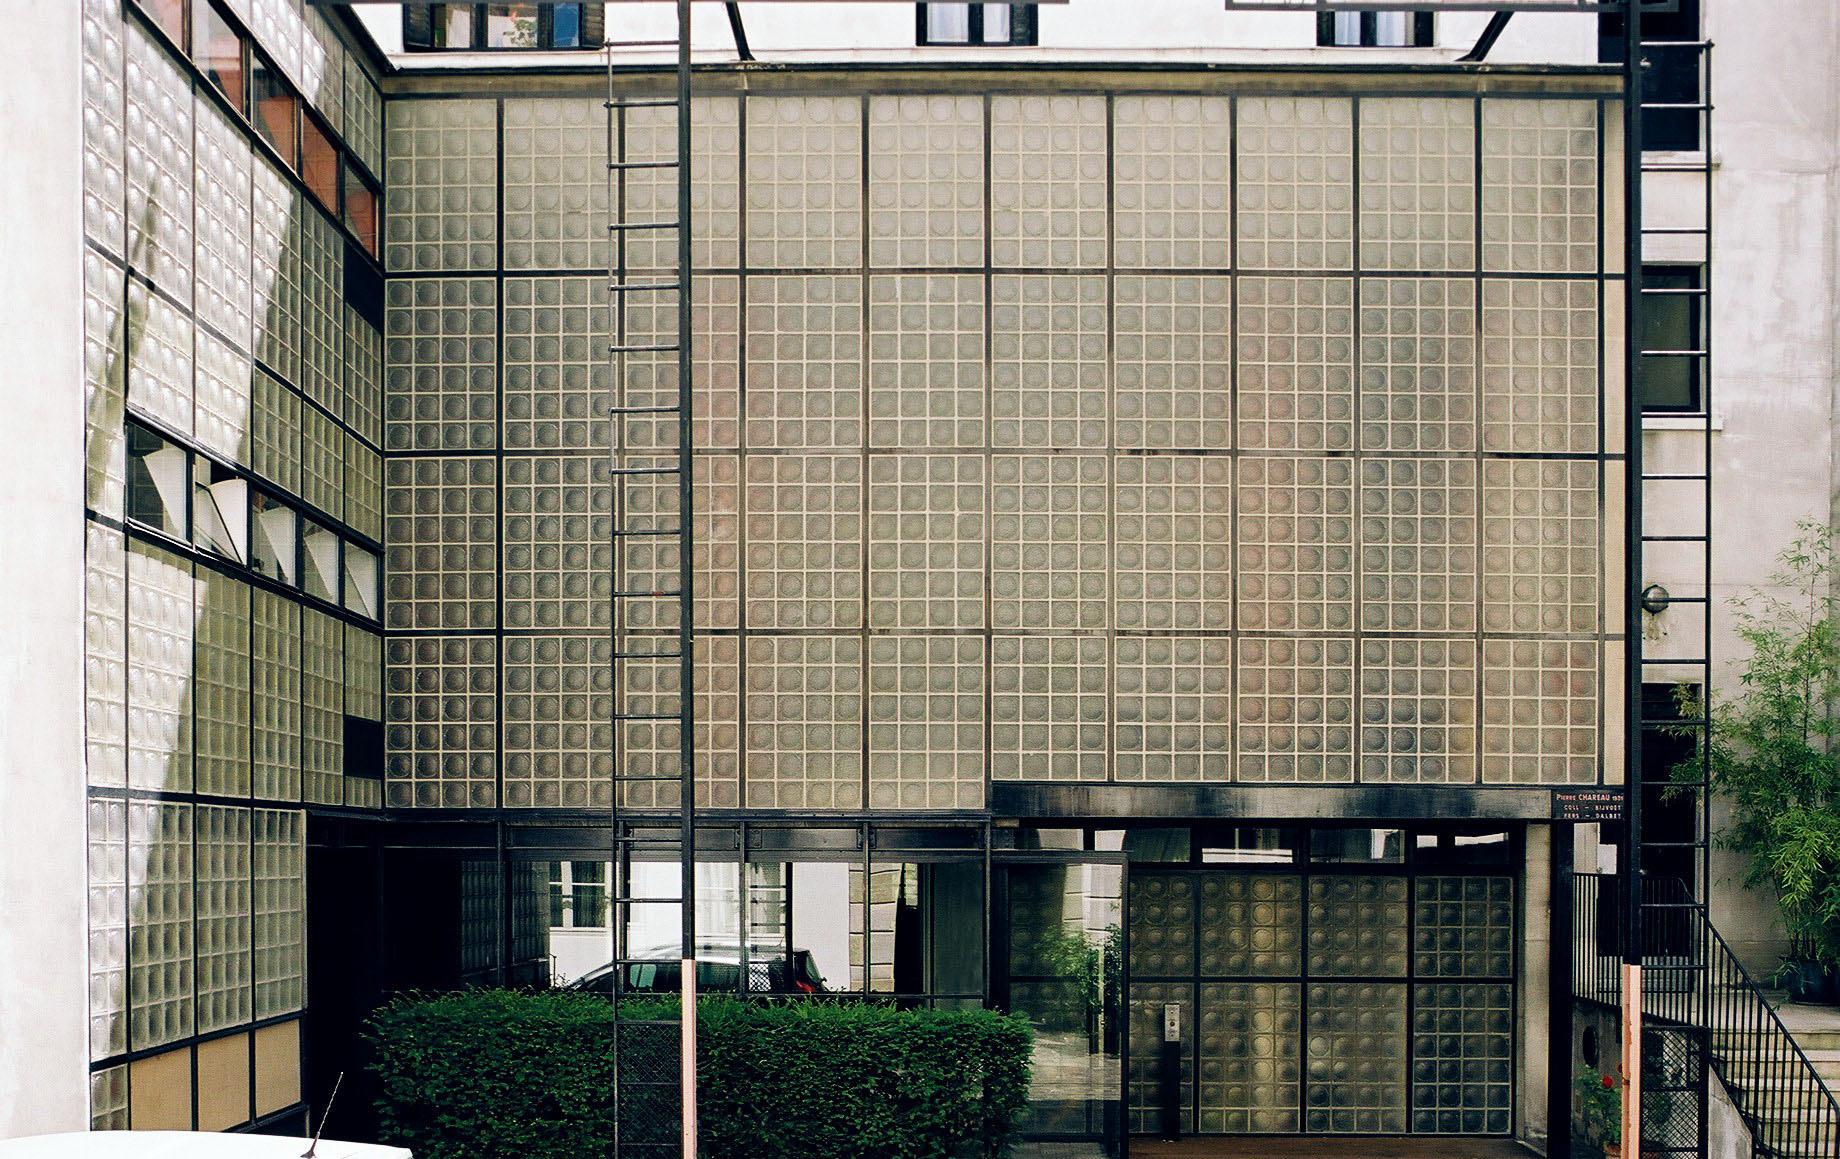 Society of architectural historians offers unique - Maison de verre paris visite ...